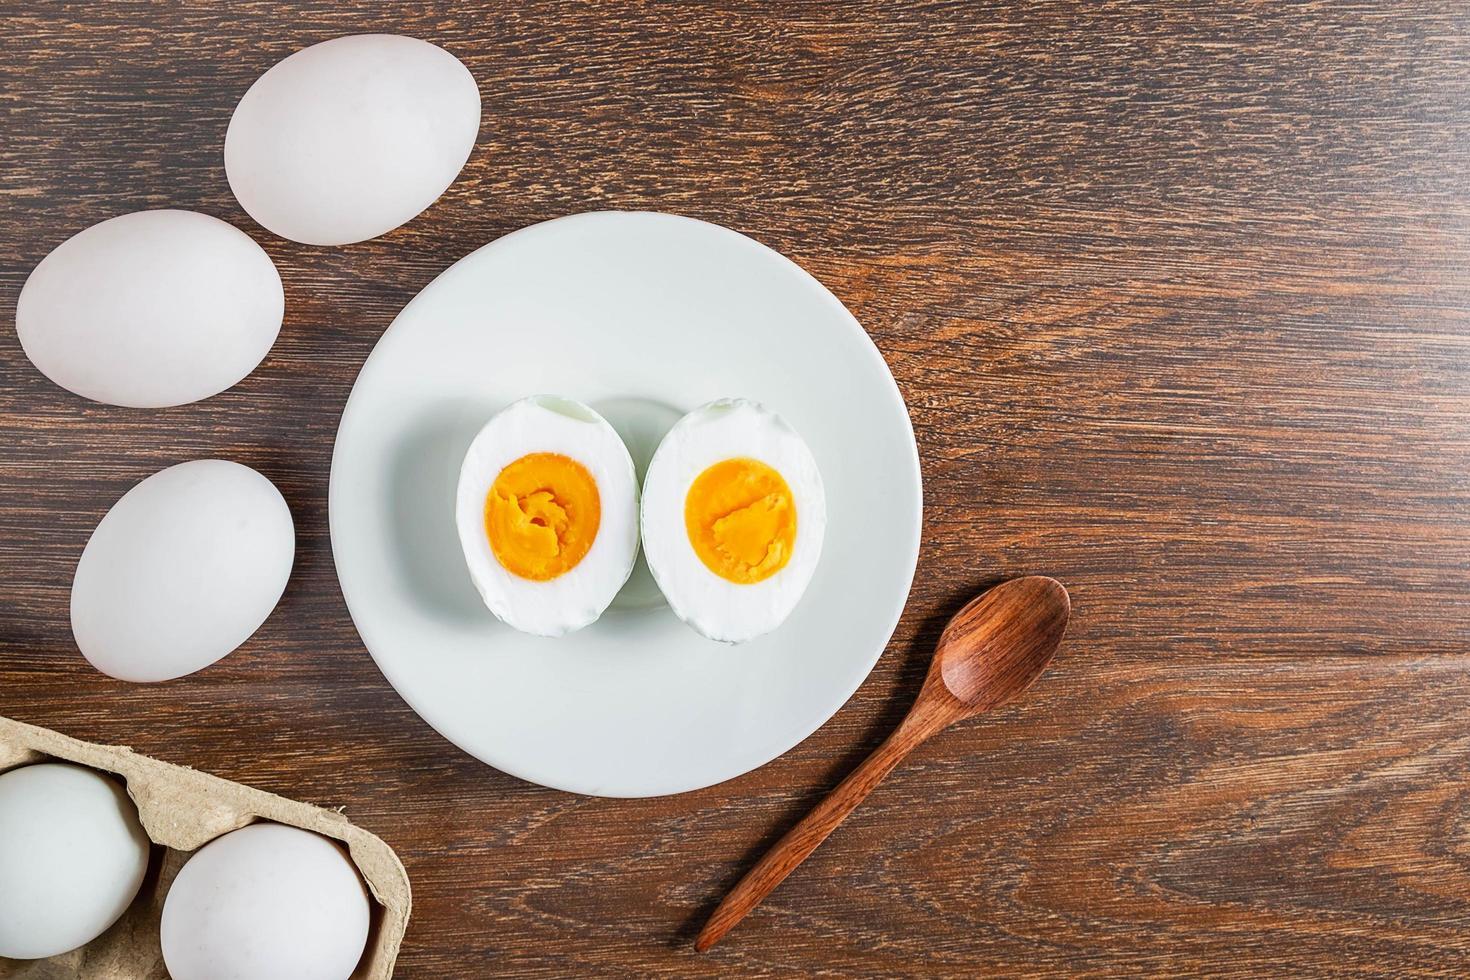 gehalveerd hardgekookt eendenei op een witte plaat naast hele eieren op een houten tafel foto